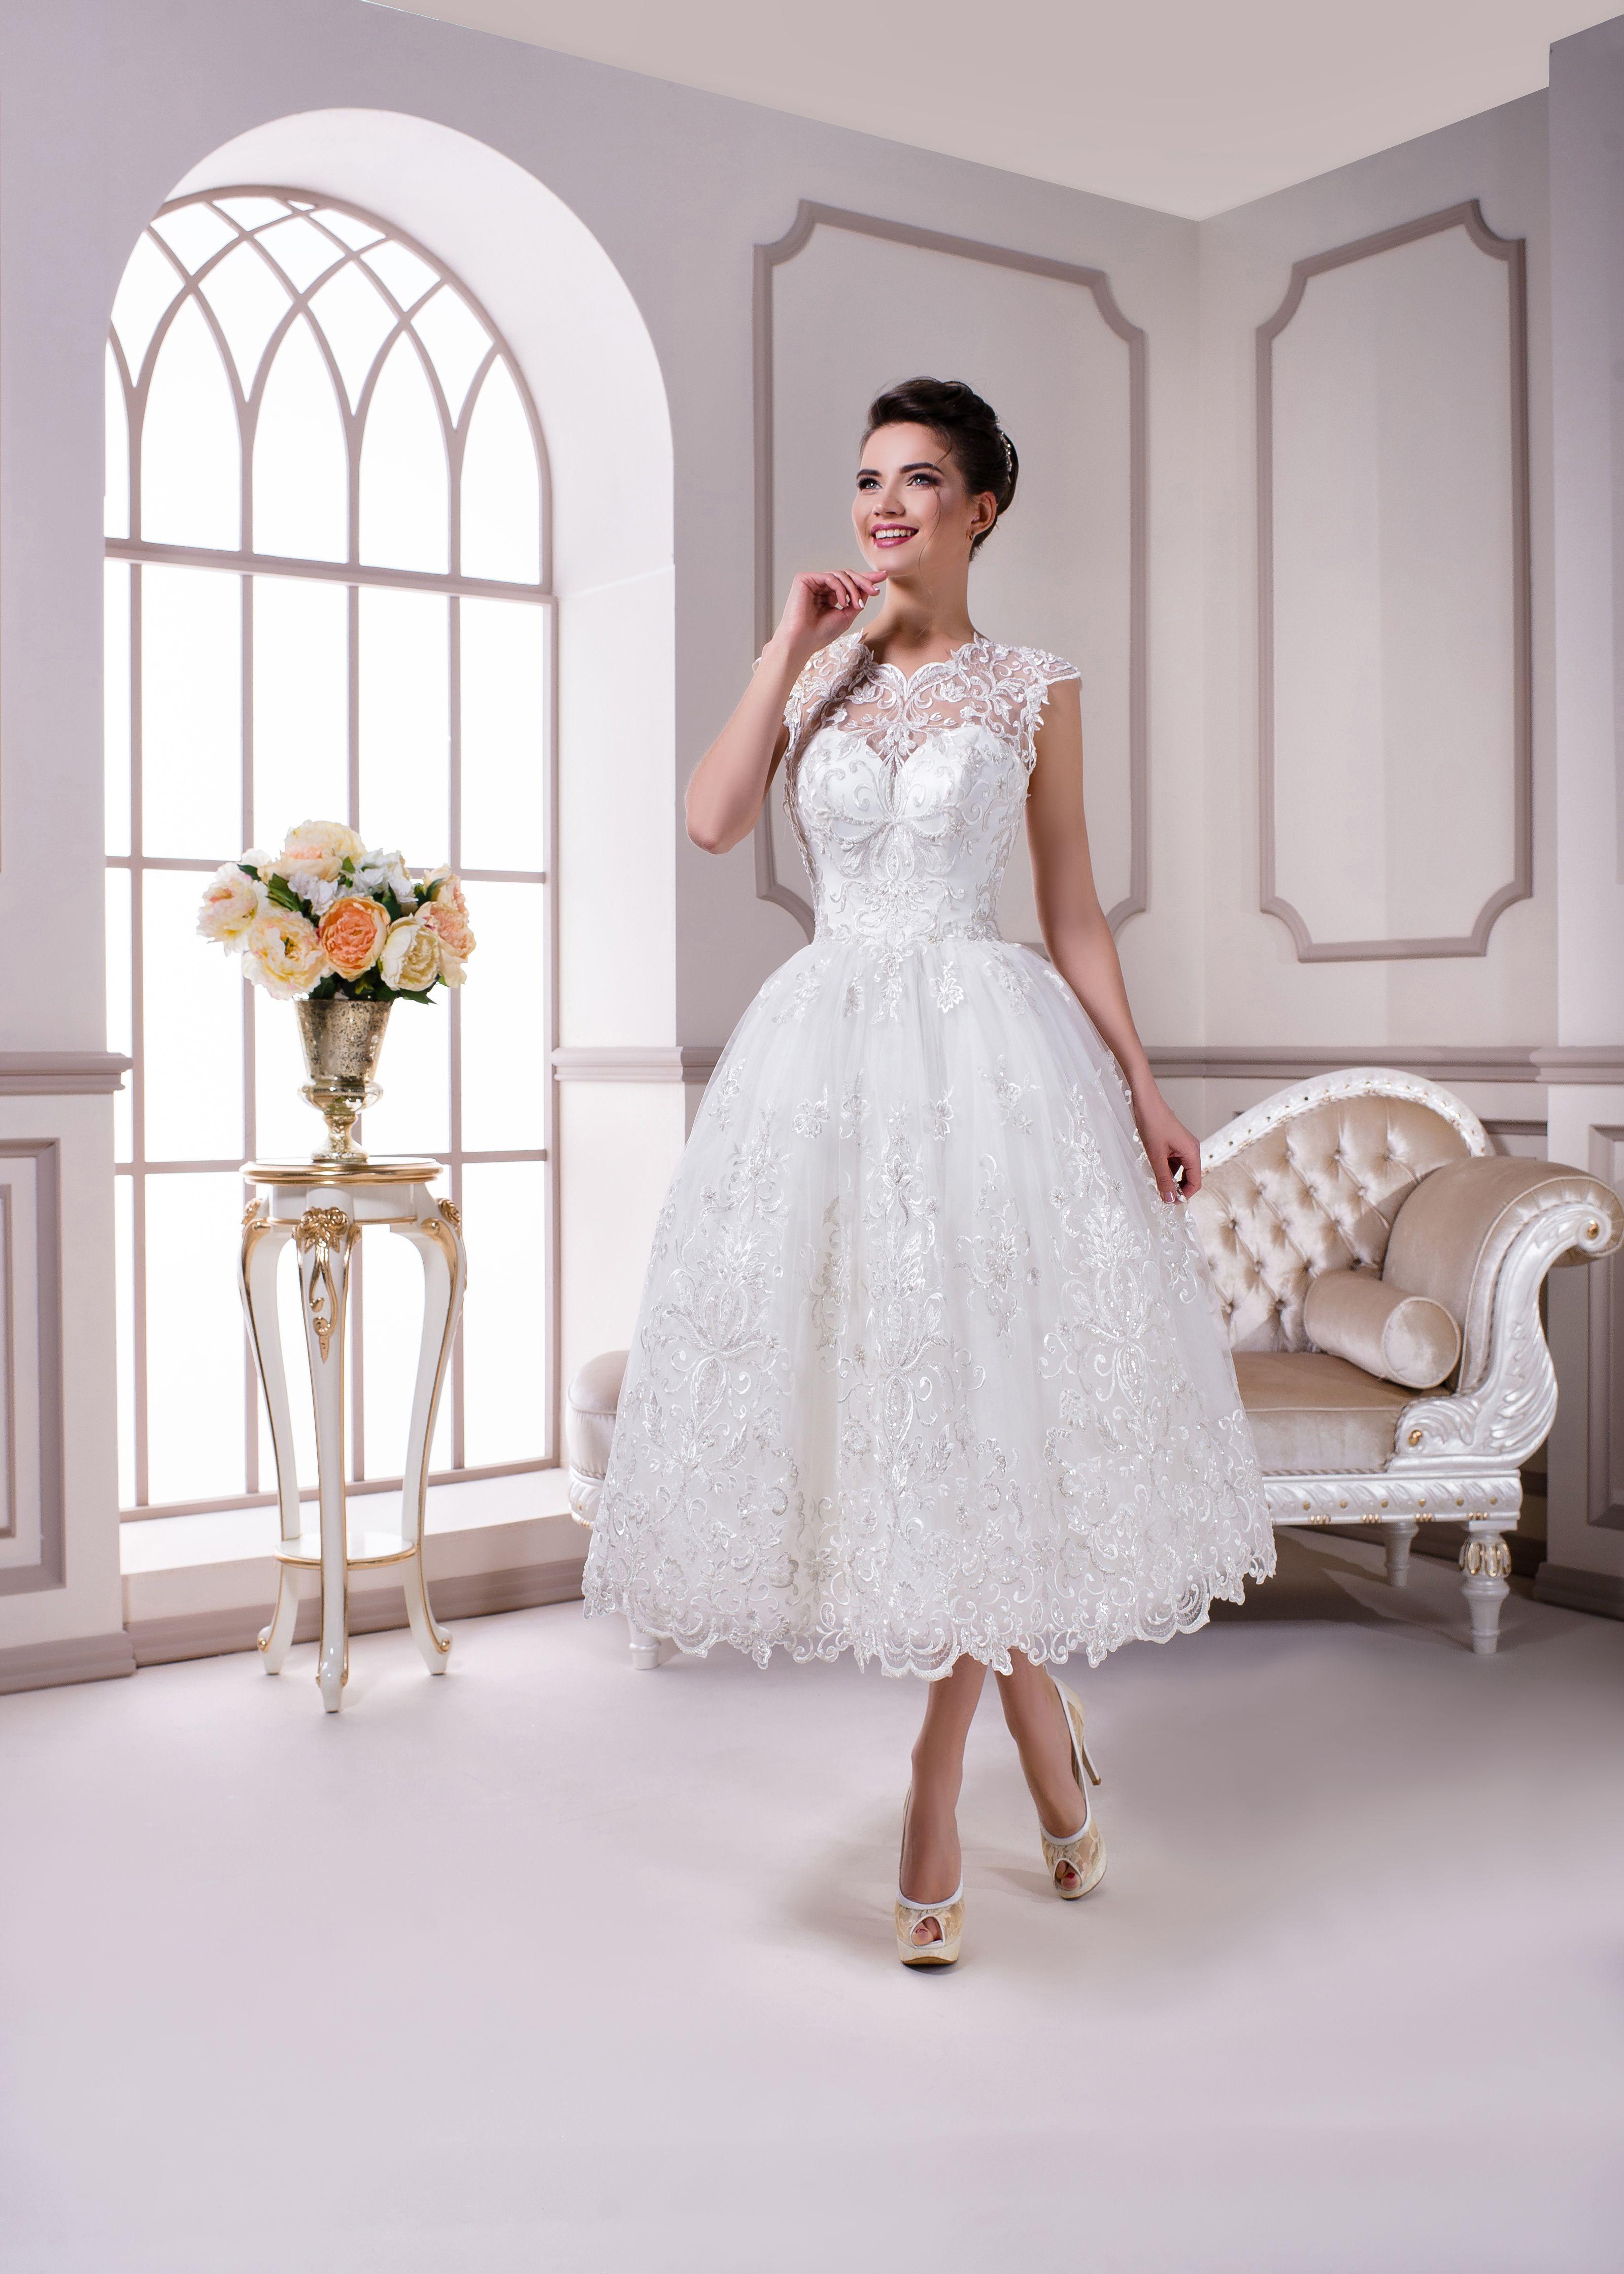 b7868f6a28d Короткое свадебное платье белого цвета. Расшито тонким кружевом шантильи.  Короткий топ с вырезом сердечко красиво подчеркнет грудь.